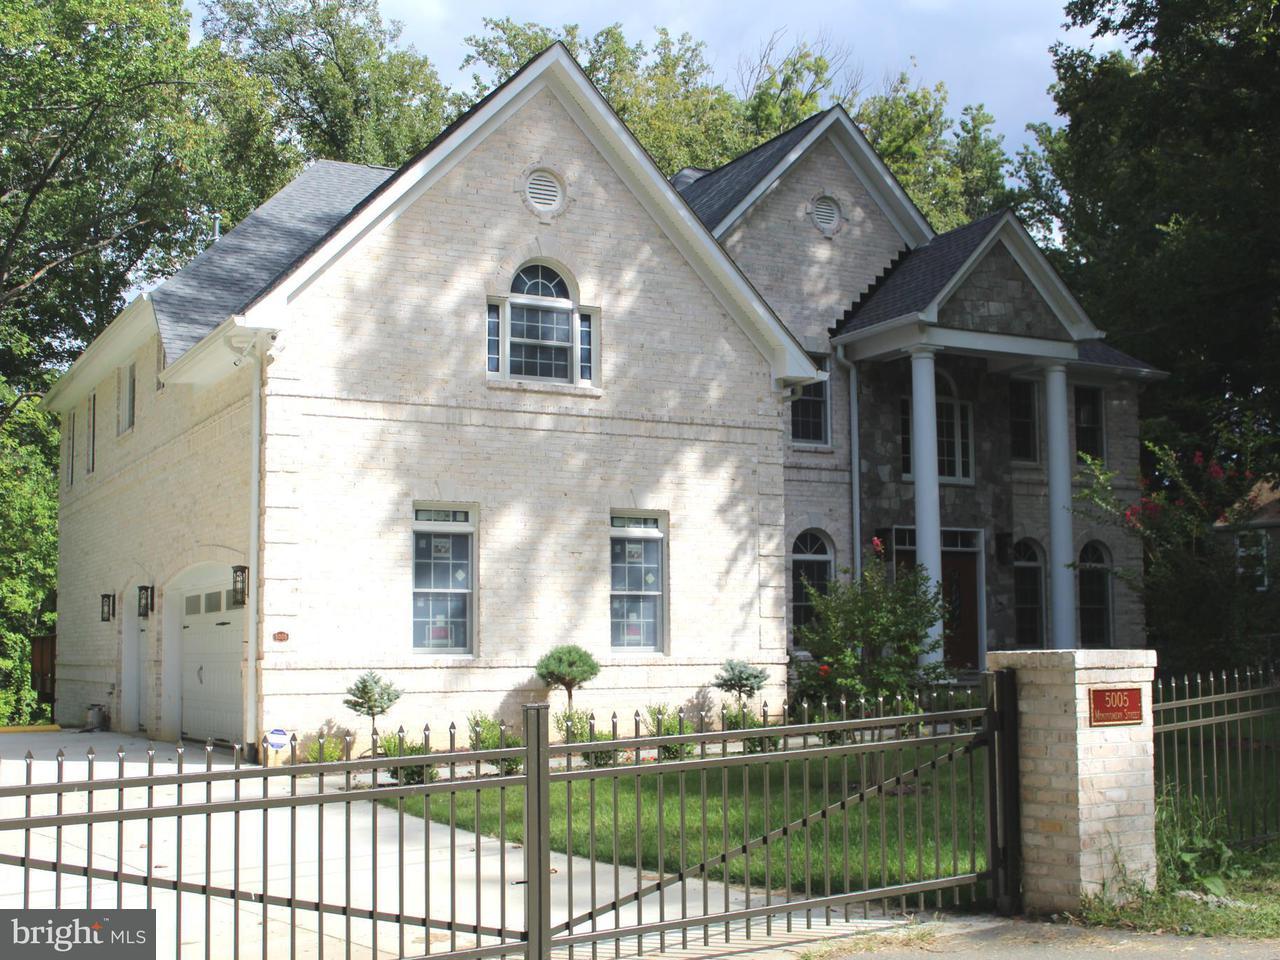 Μονοκατοικία για την Πώληση στο 5005 Montgomery Street 5005 Montgomery Street Annandale, Βιρτζινια 22003 Ηνωμενεσ Πολιτειεσ